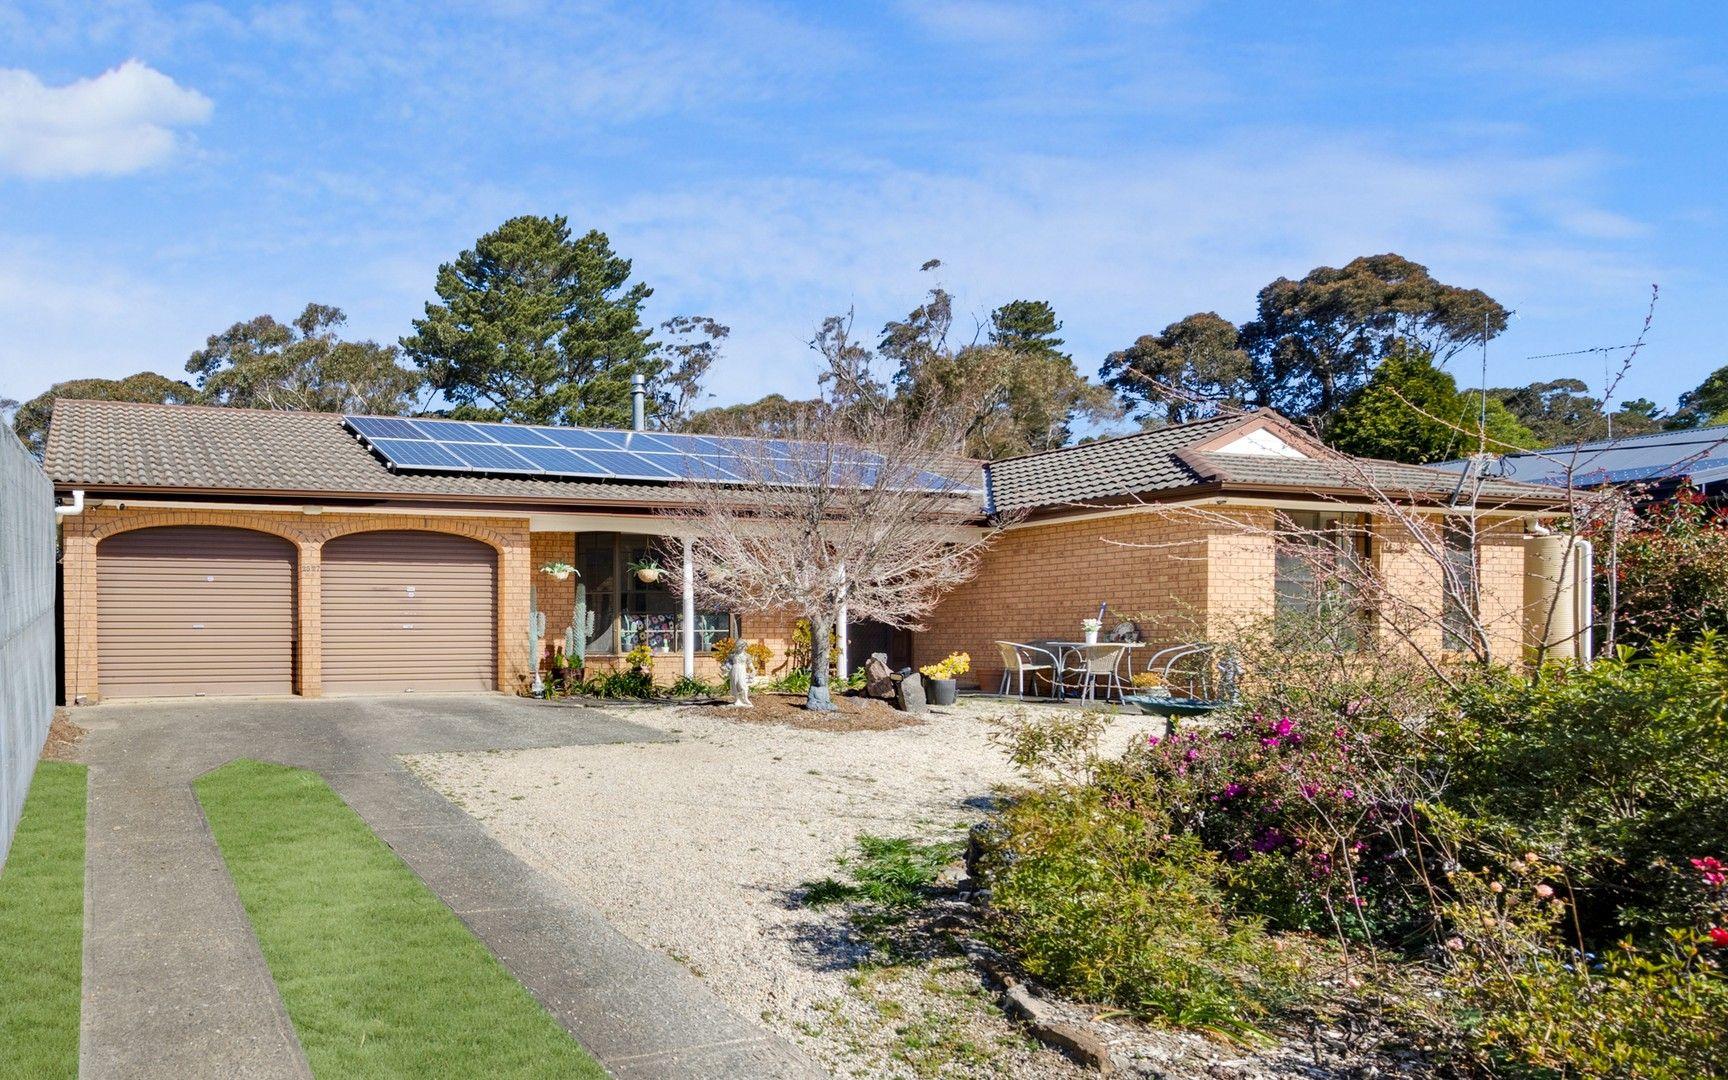 25-27 Sunbeam Avenue, Blackheath NSW 2785, Image 0